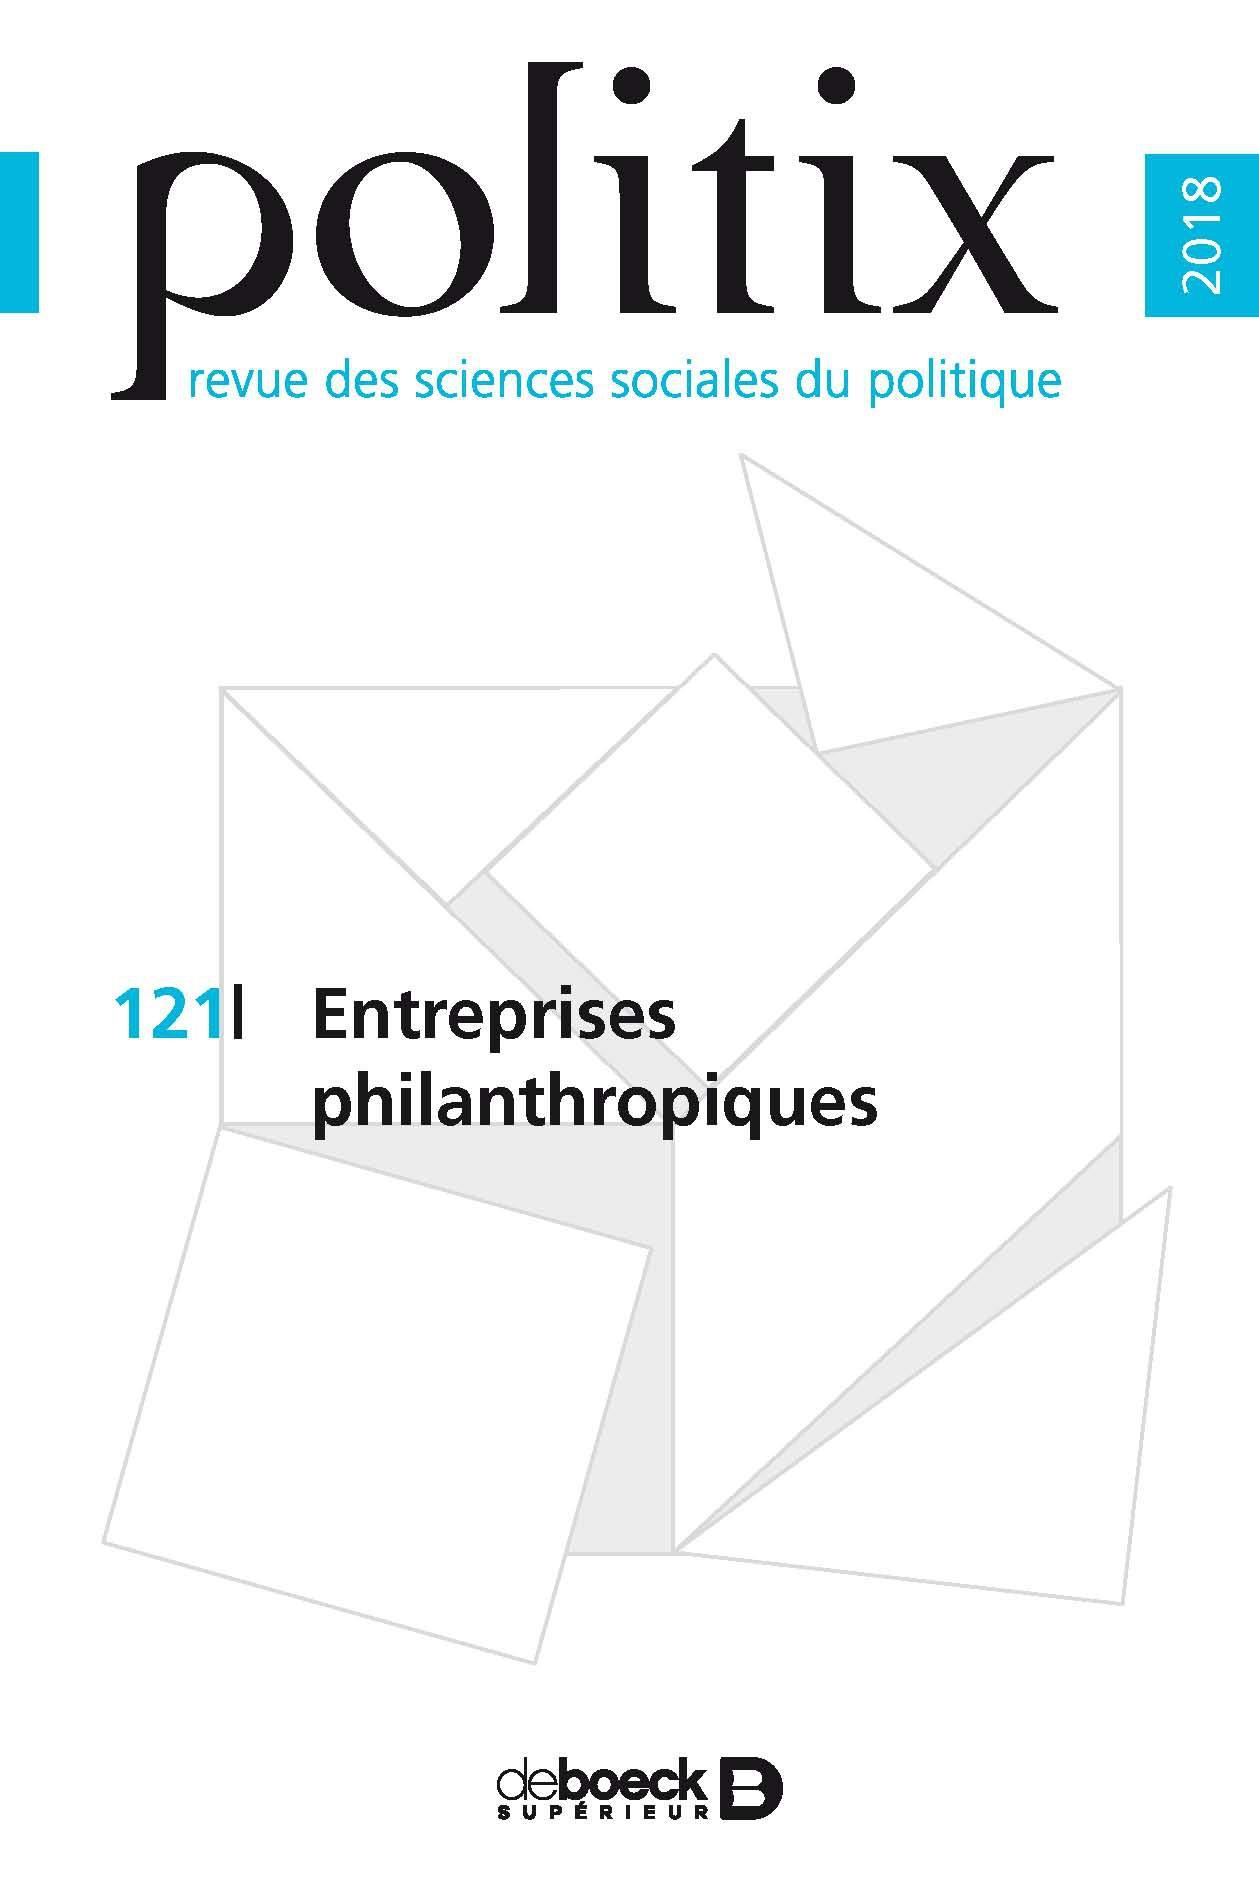 Philanthropic enterprises